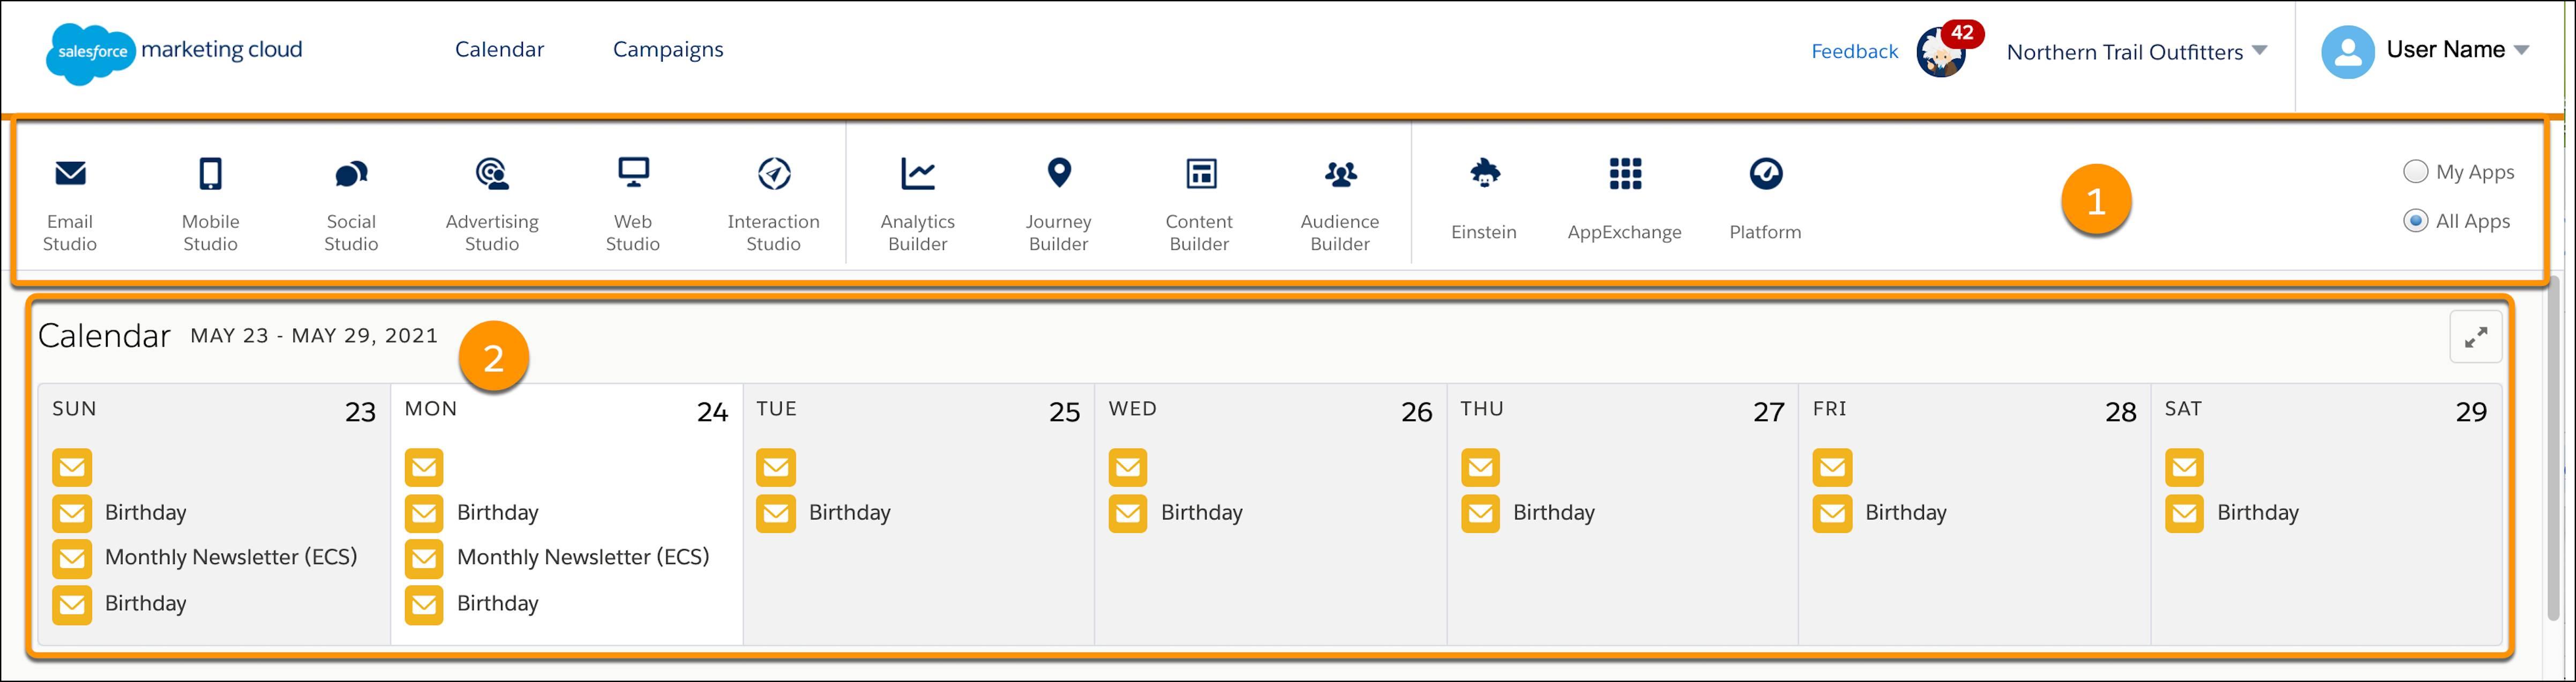 ナビゲーションバーとカレンダーのコールアウトが表示されている Marketing Cloud ホームページ。